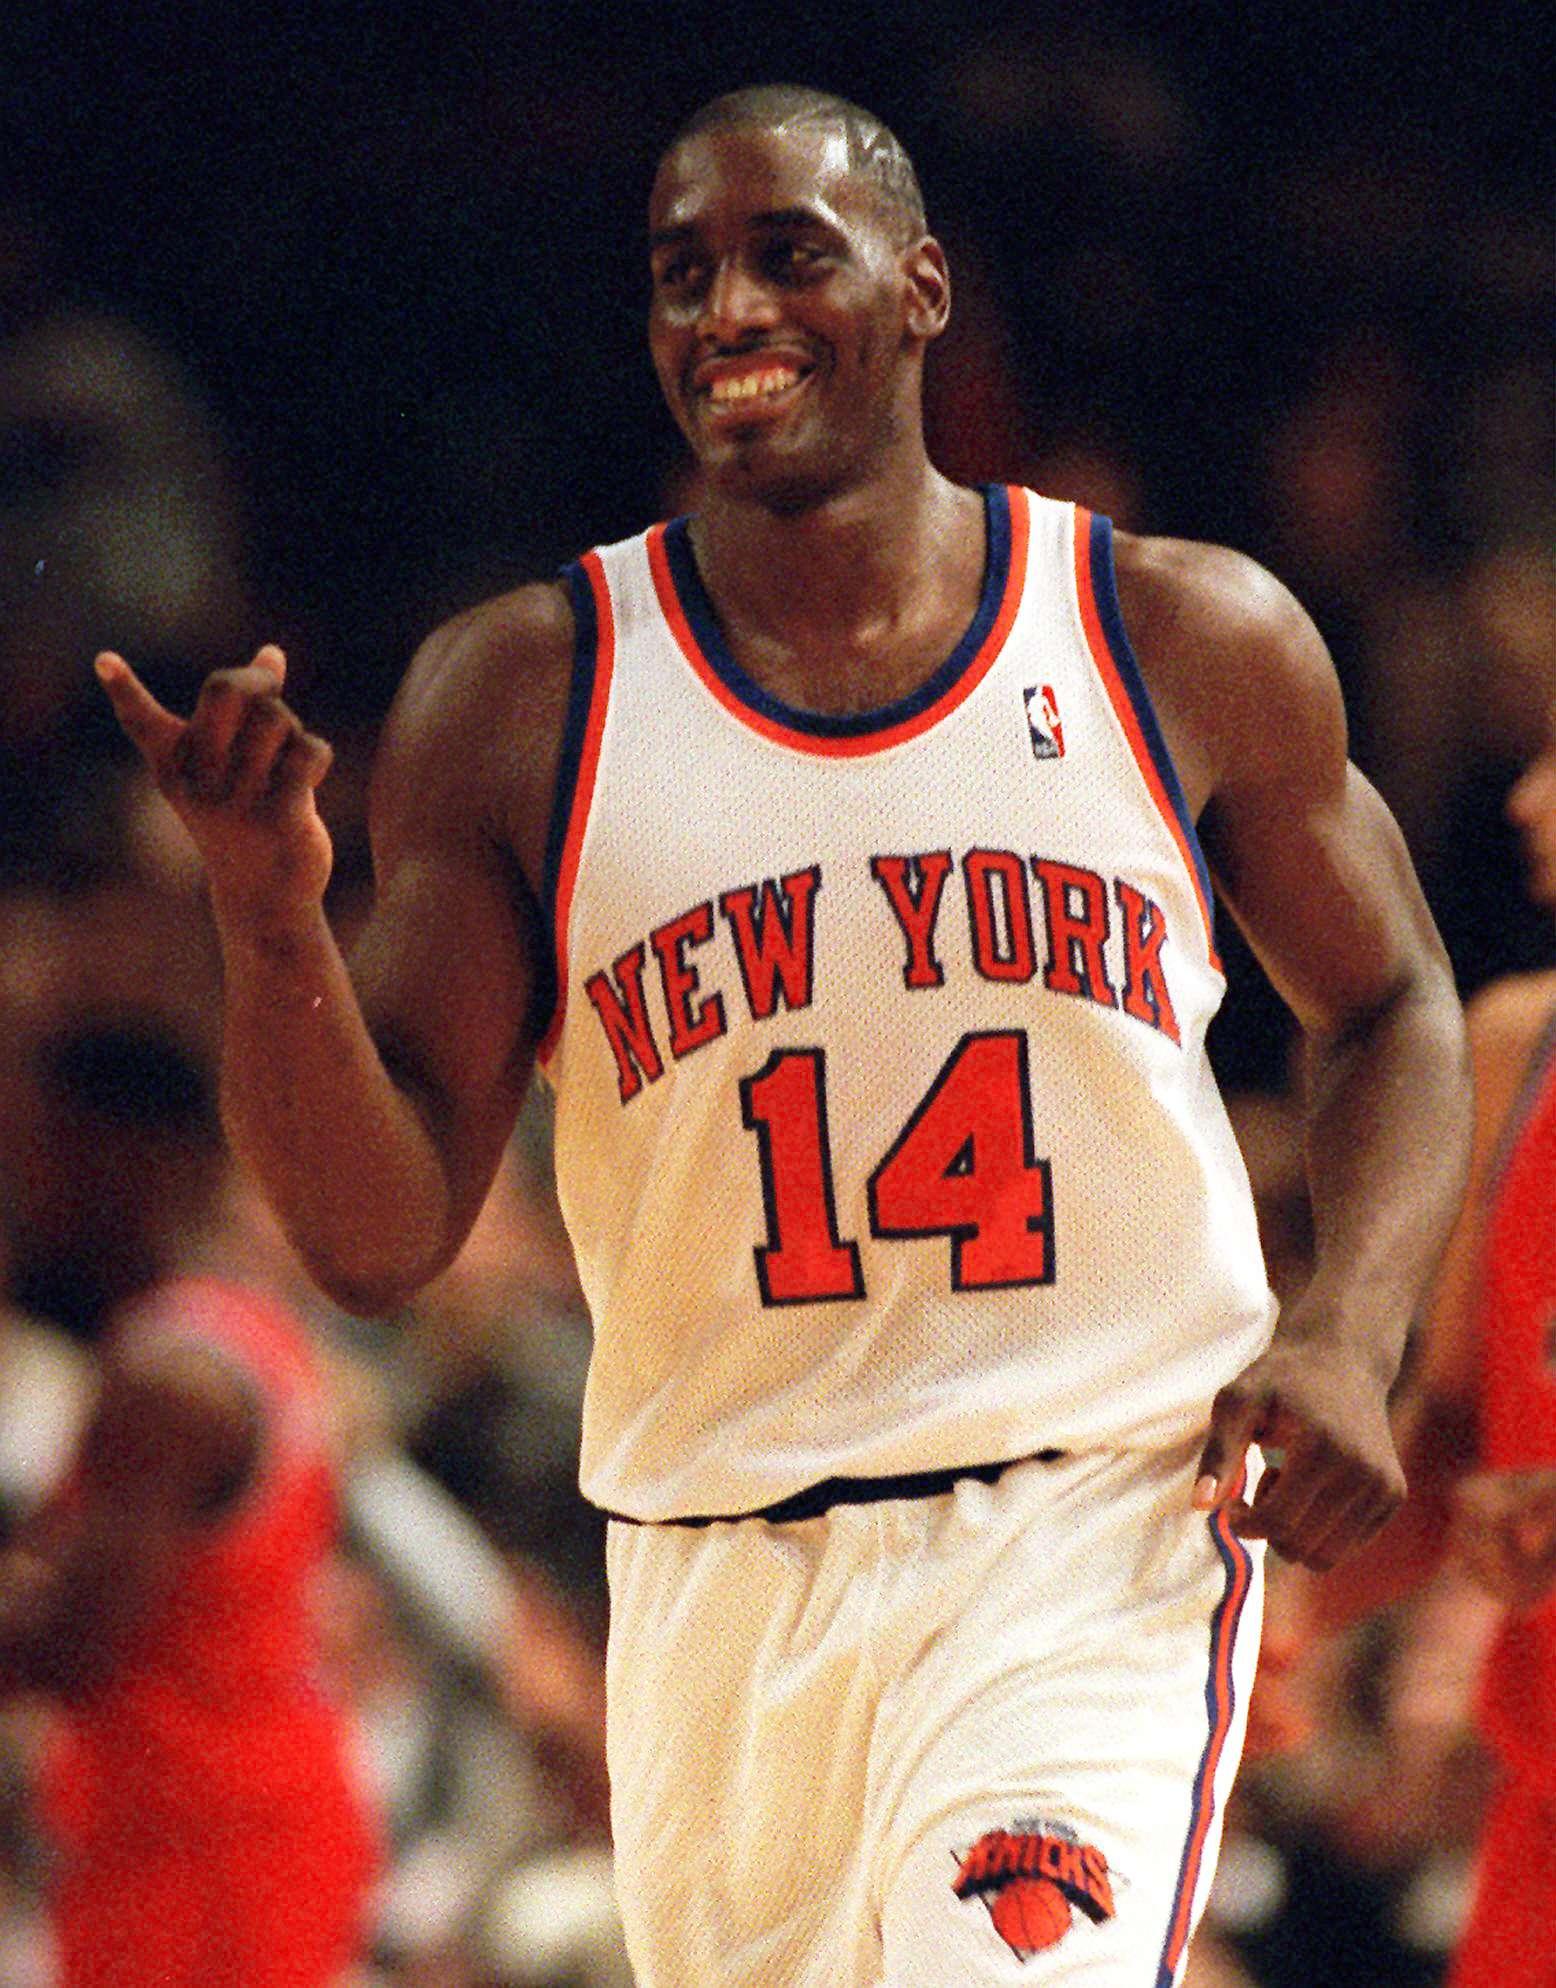 Mason estuvo cerca de coronarse en el año de 1994 con los Knicks. Foto: AP